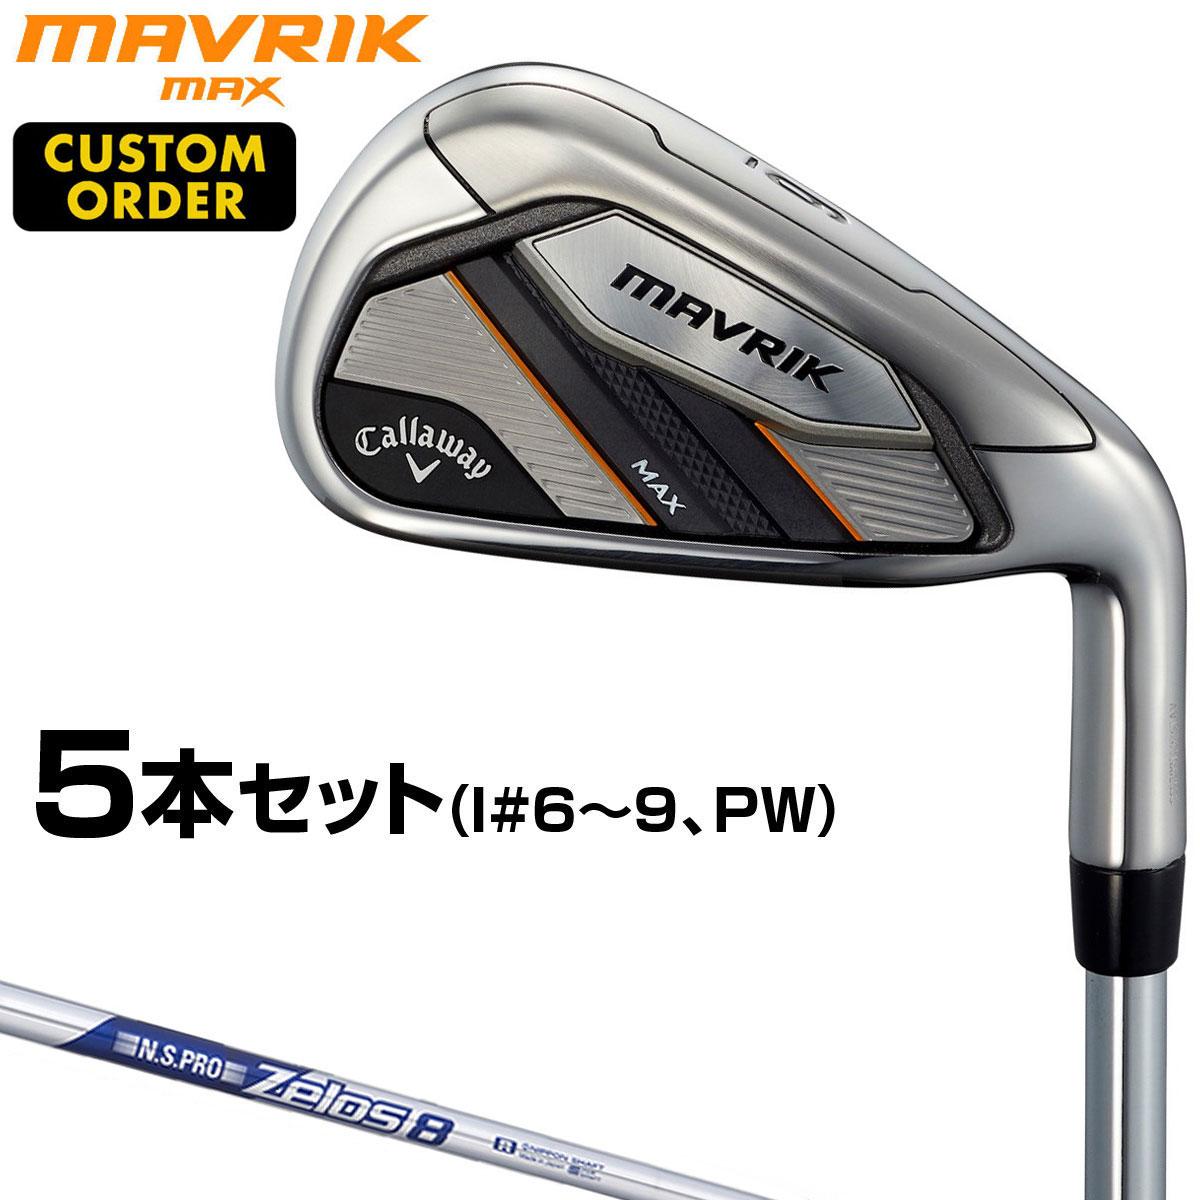 【カスタムクラブ】 Callaway(キャロウェイ)日本正規品 MAVRIK MAX(マーベリックマックス)アイアン 2020新製品 NSPRO Zelos8スチールシャフト 5本セット(I#6~9、PW)